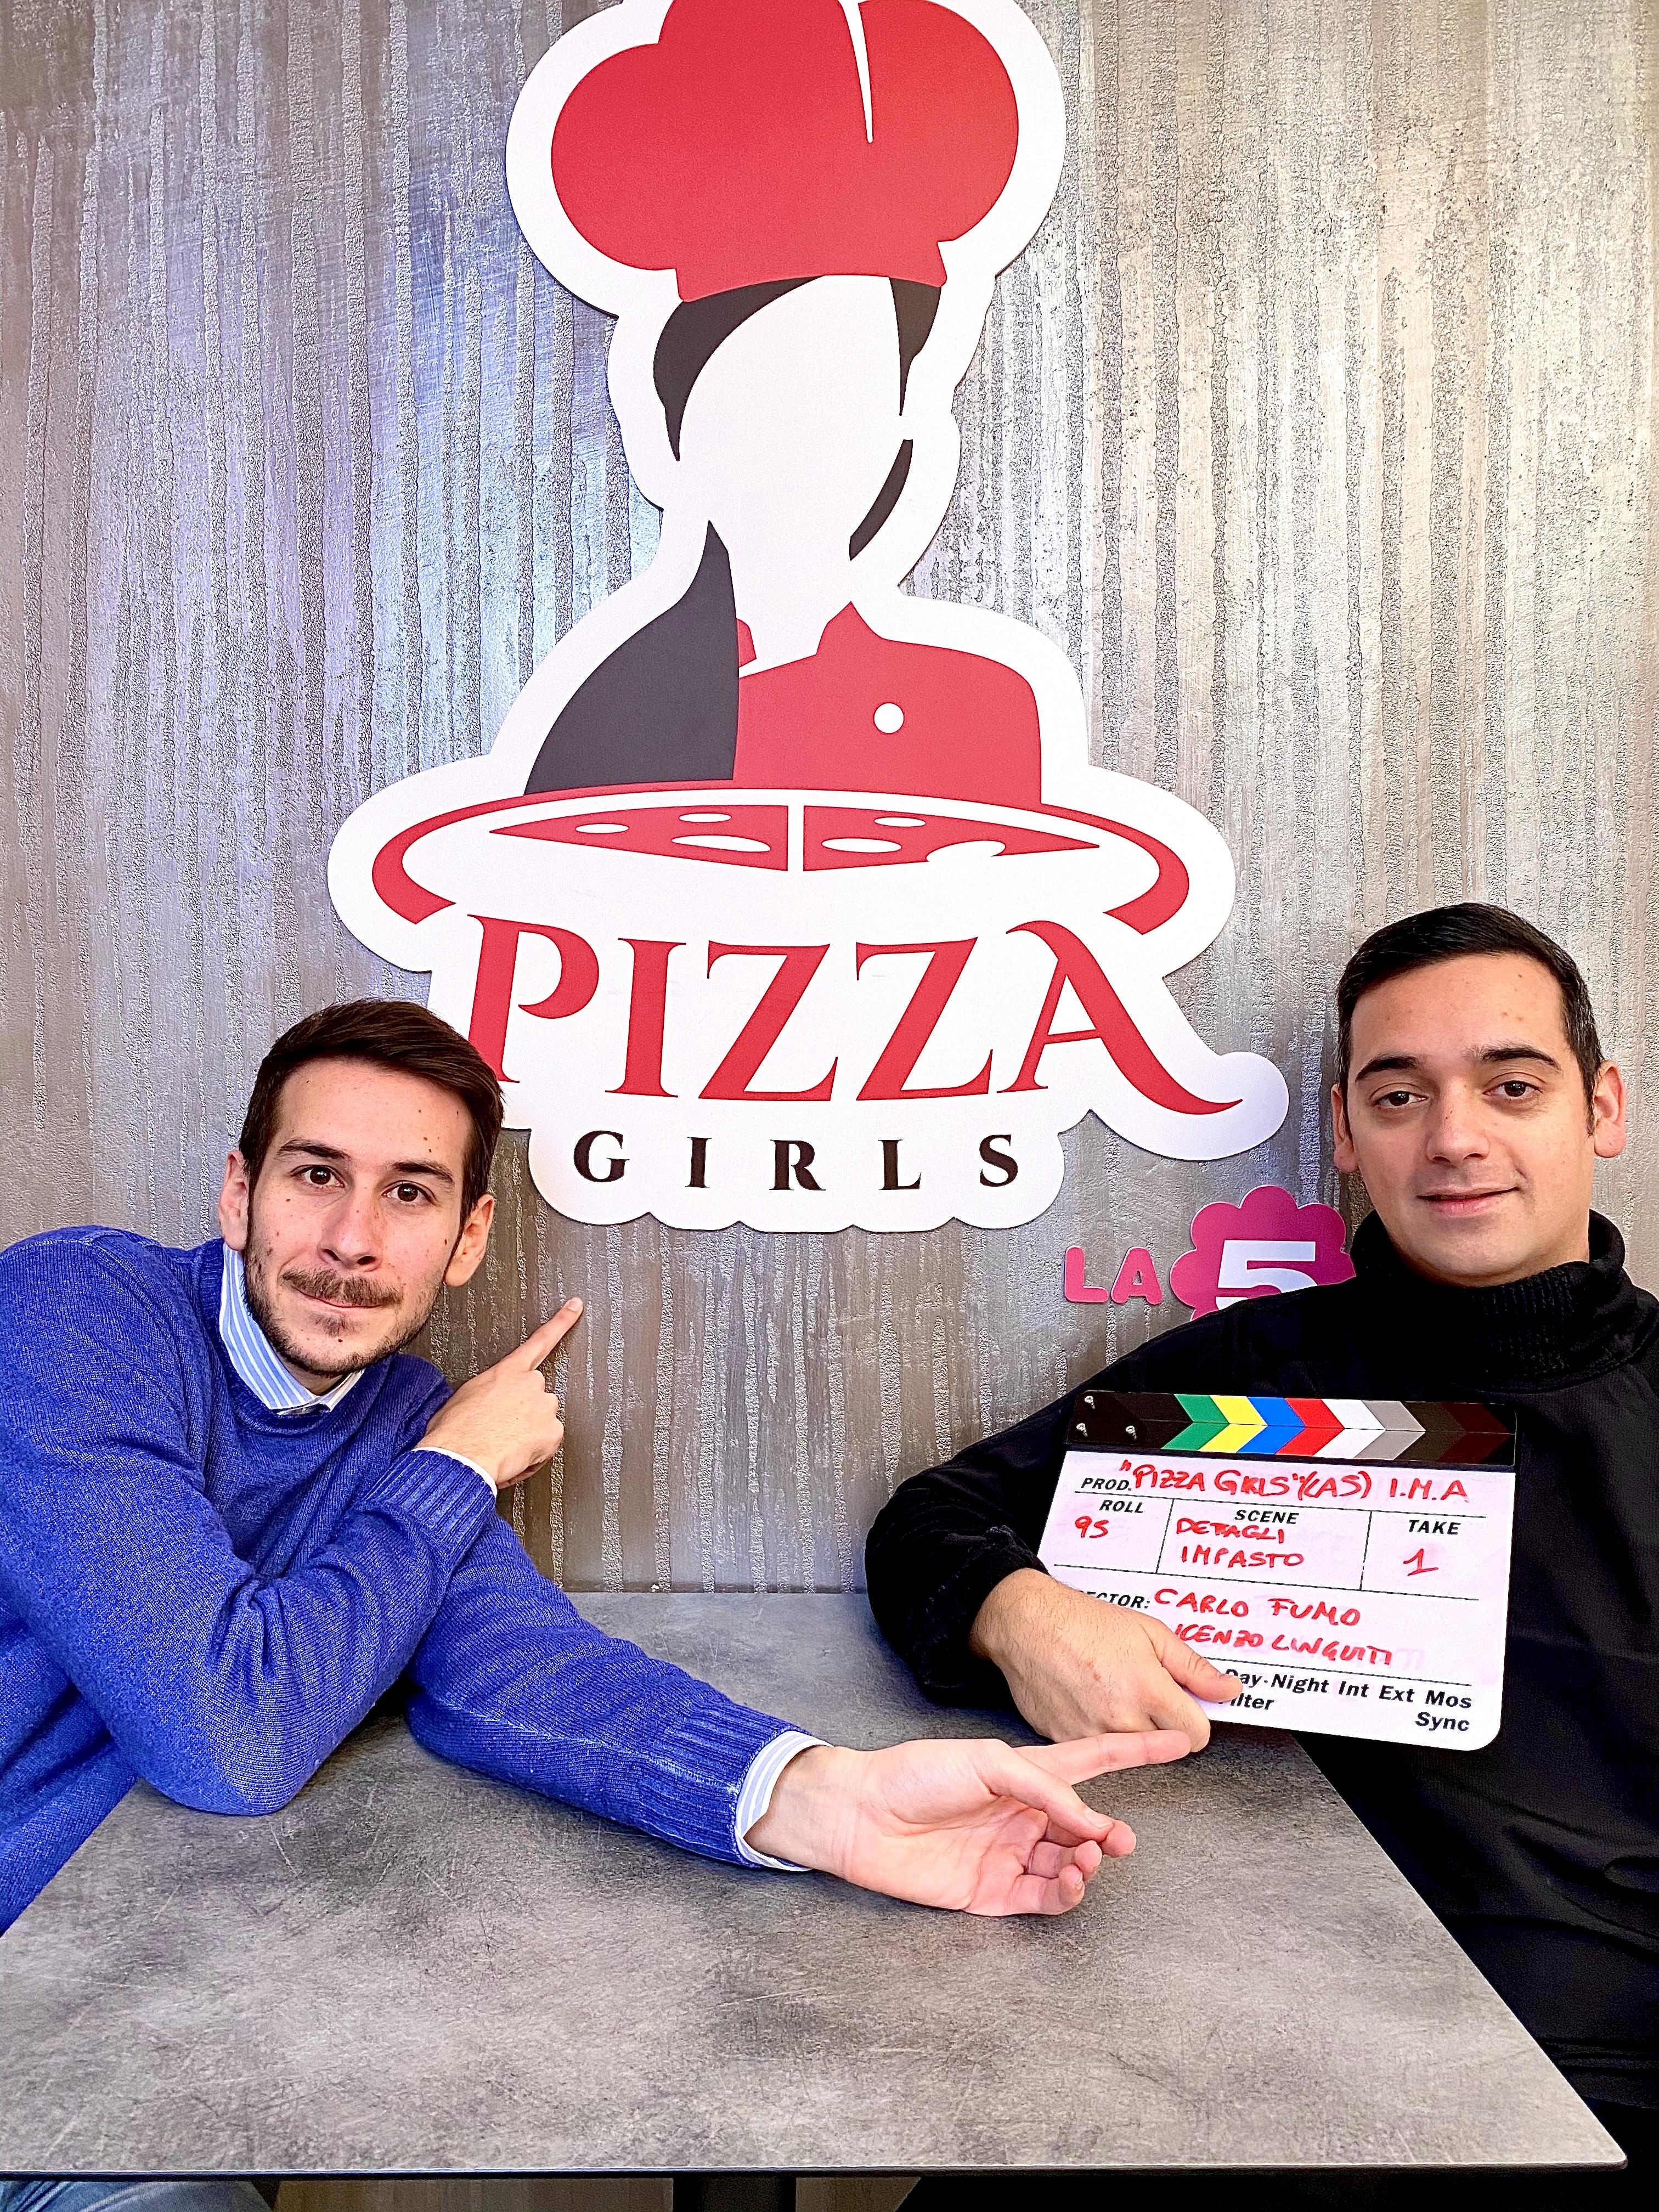 Pizza Girls Mediaset – La Nuova Scommessa Di Carlo Fumo